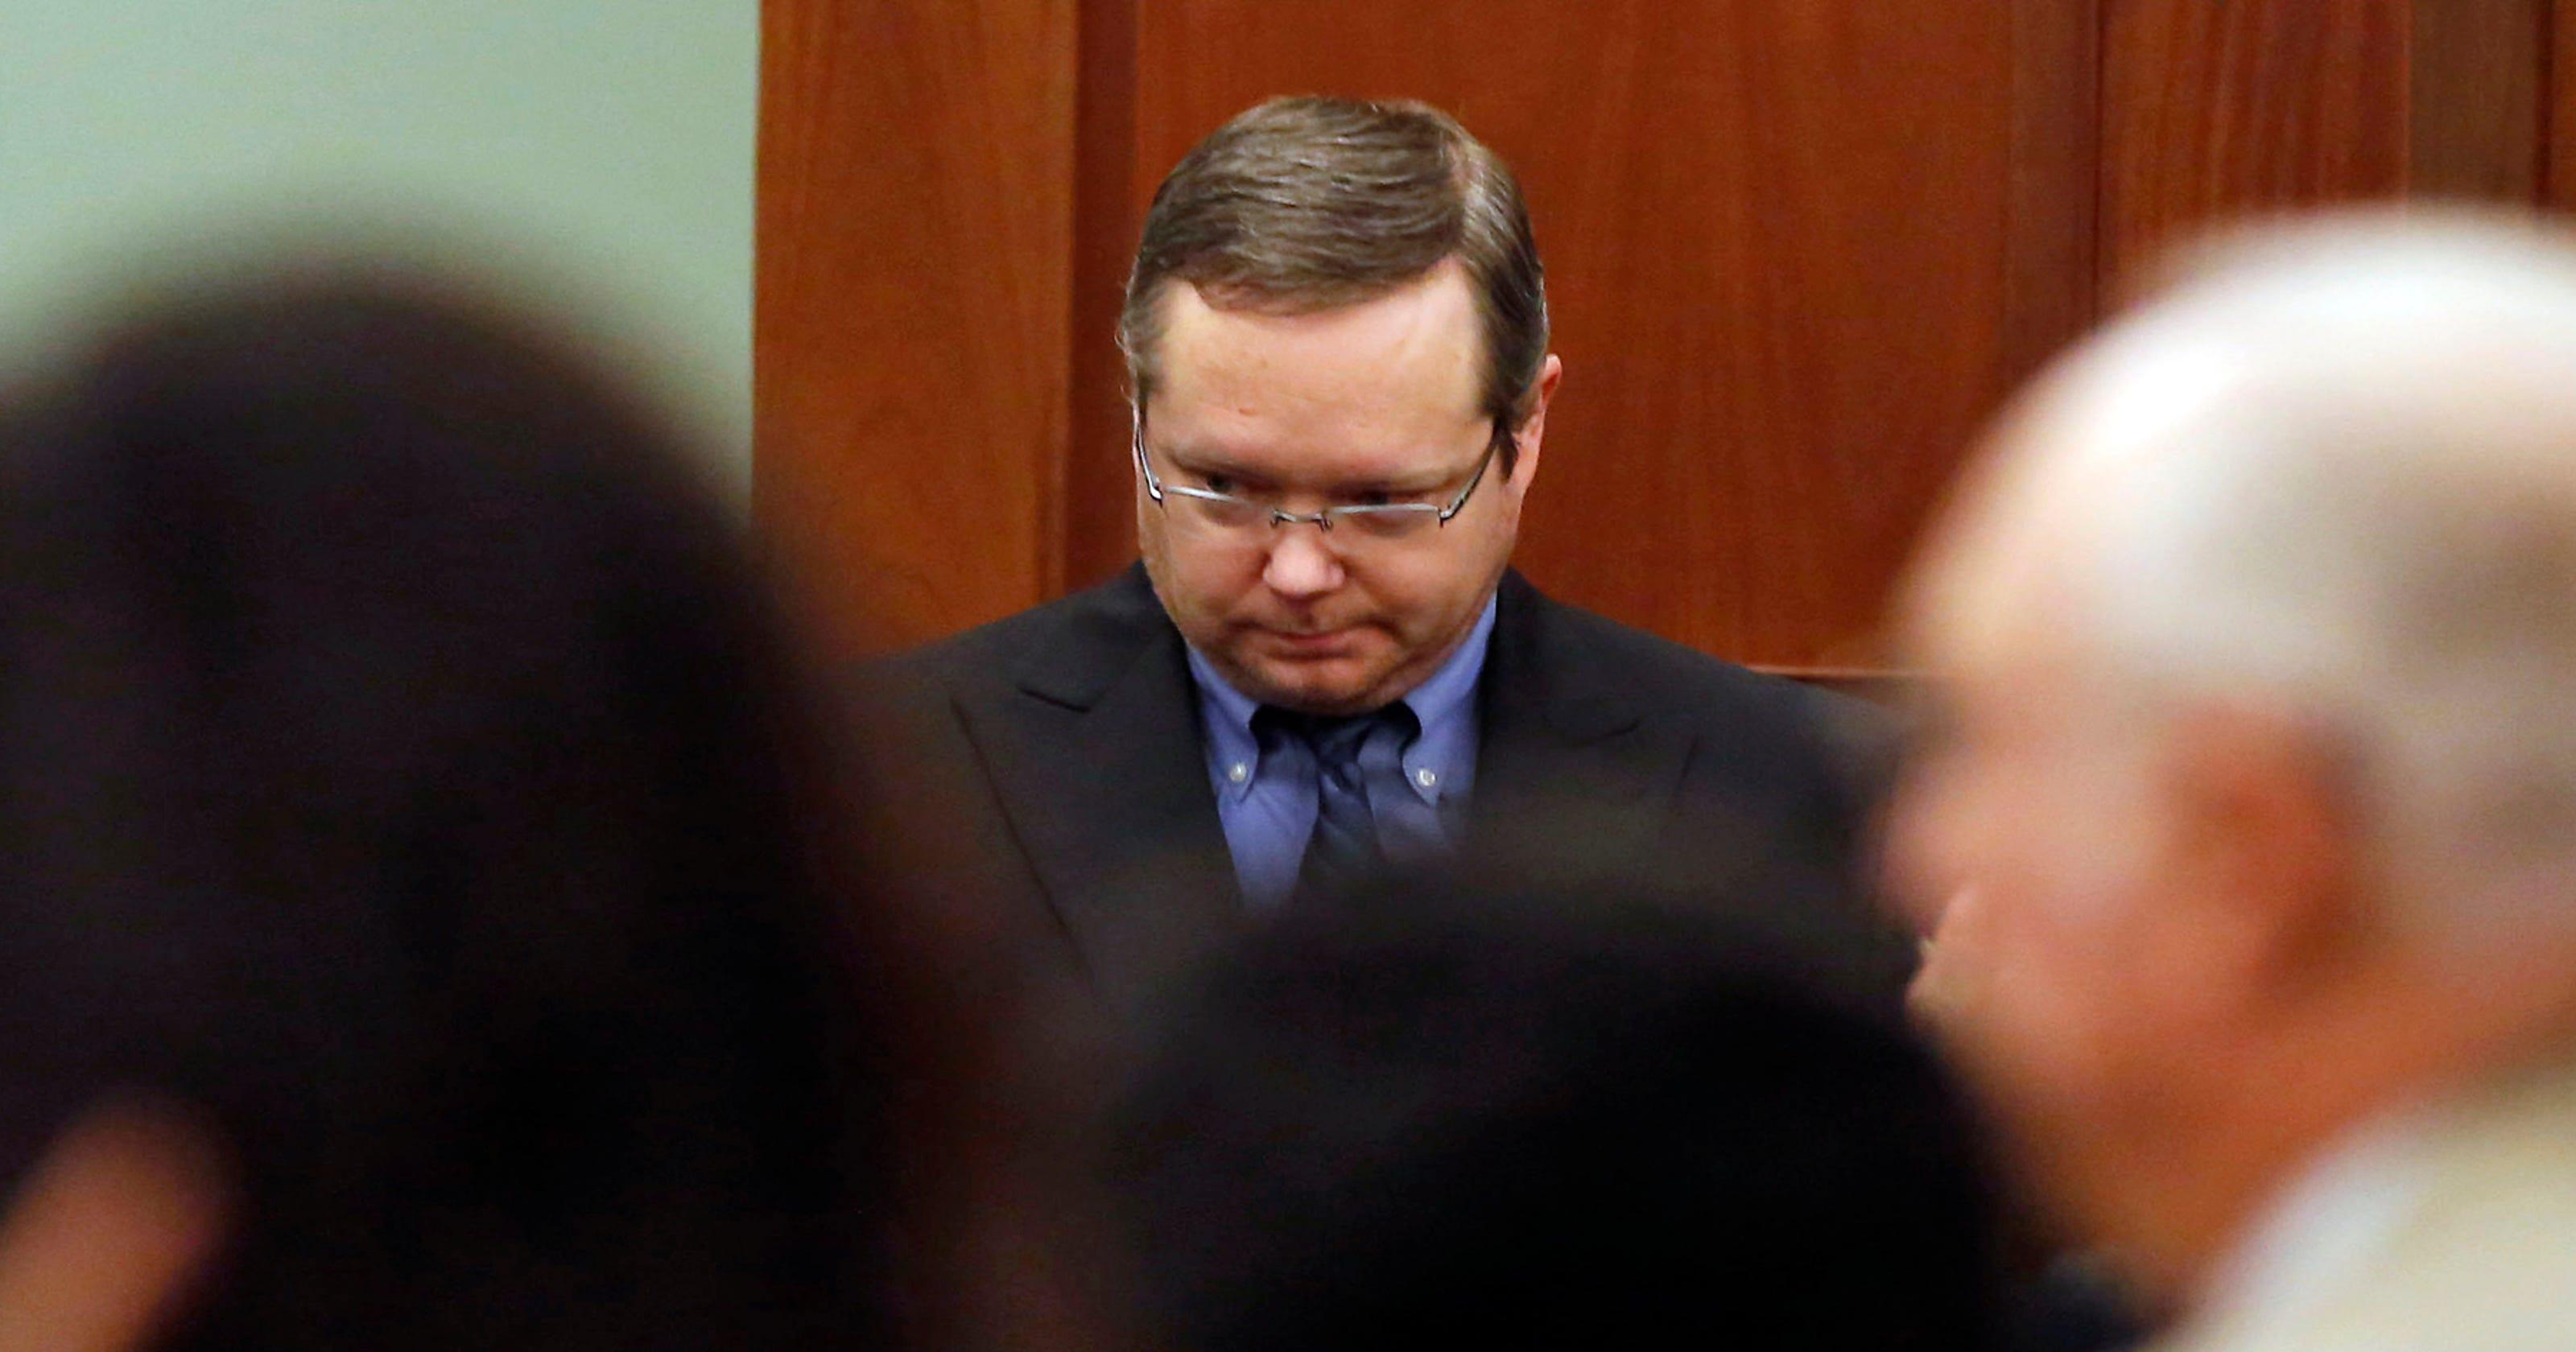 Ex-judge sentenced to death in Texas revenge plot